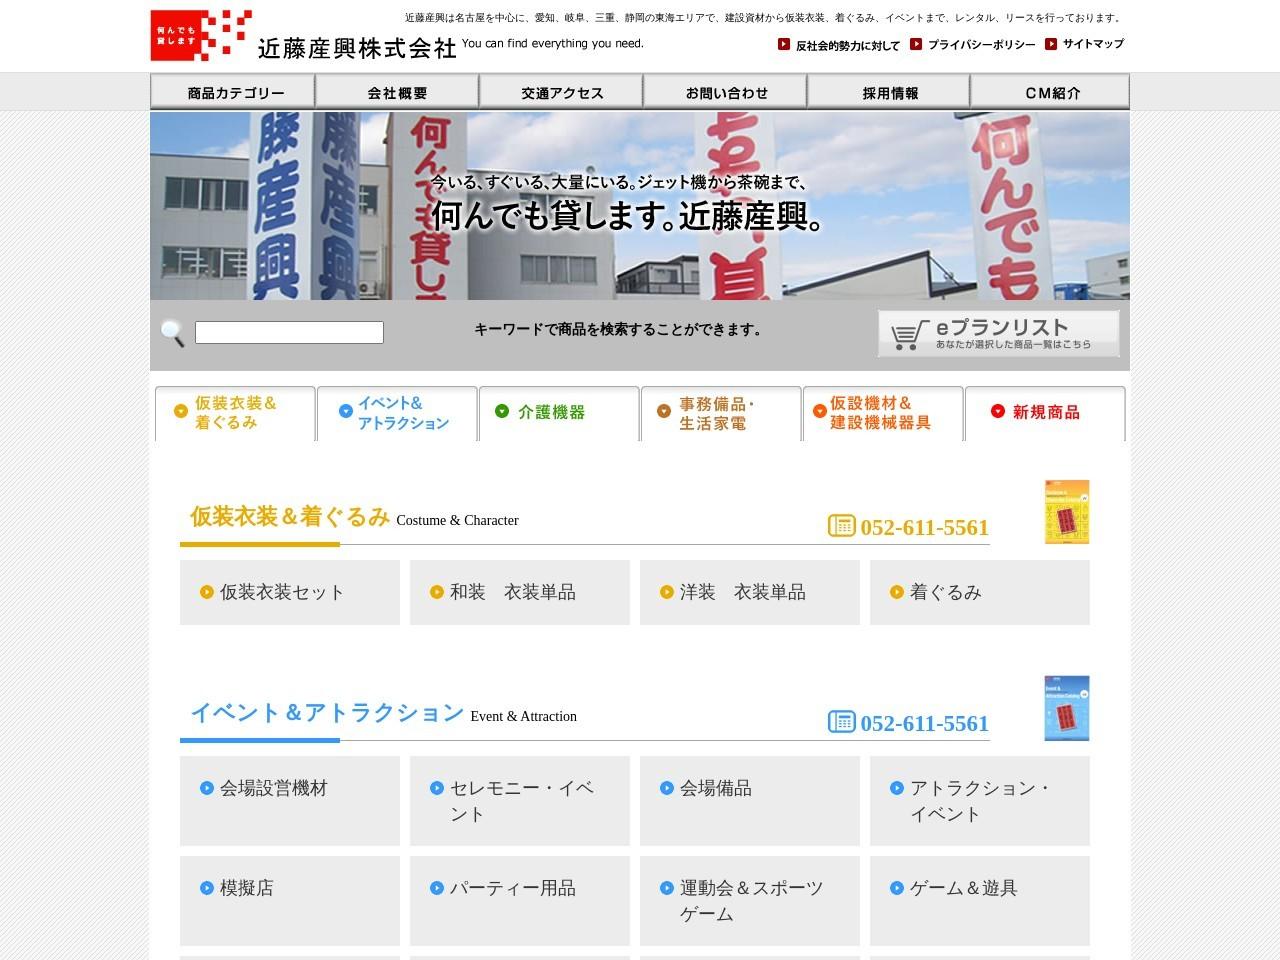 近藤産興株式会社